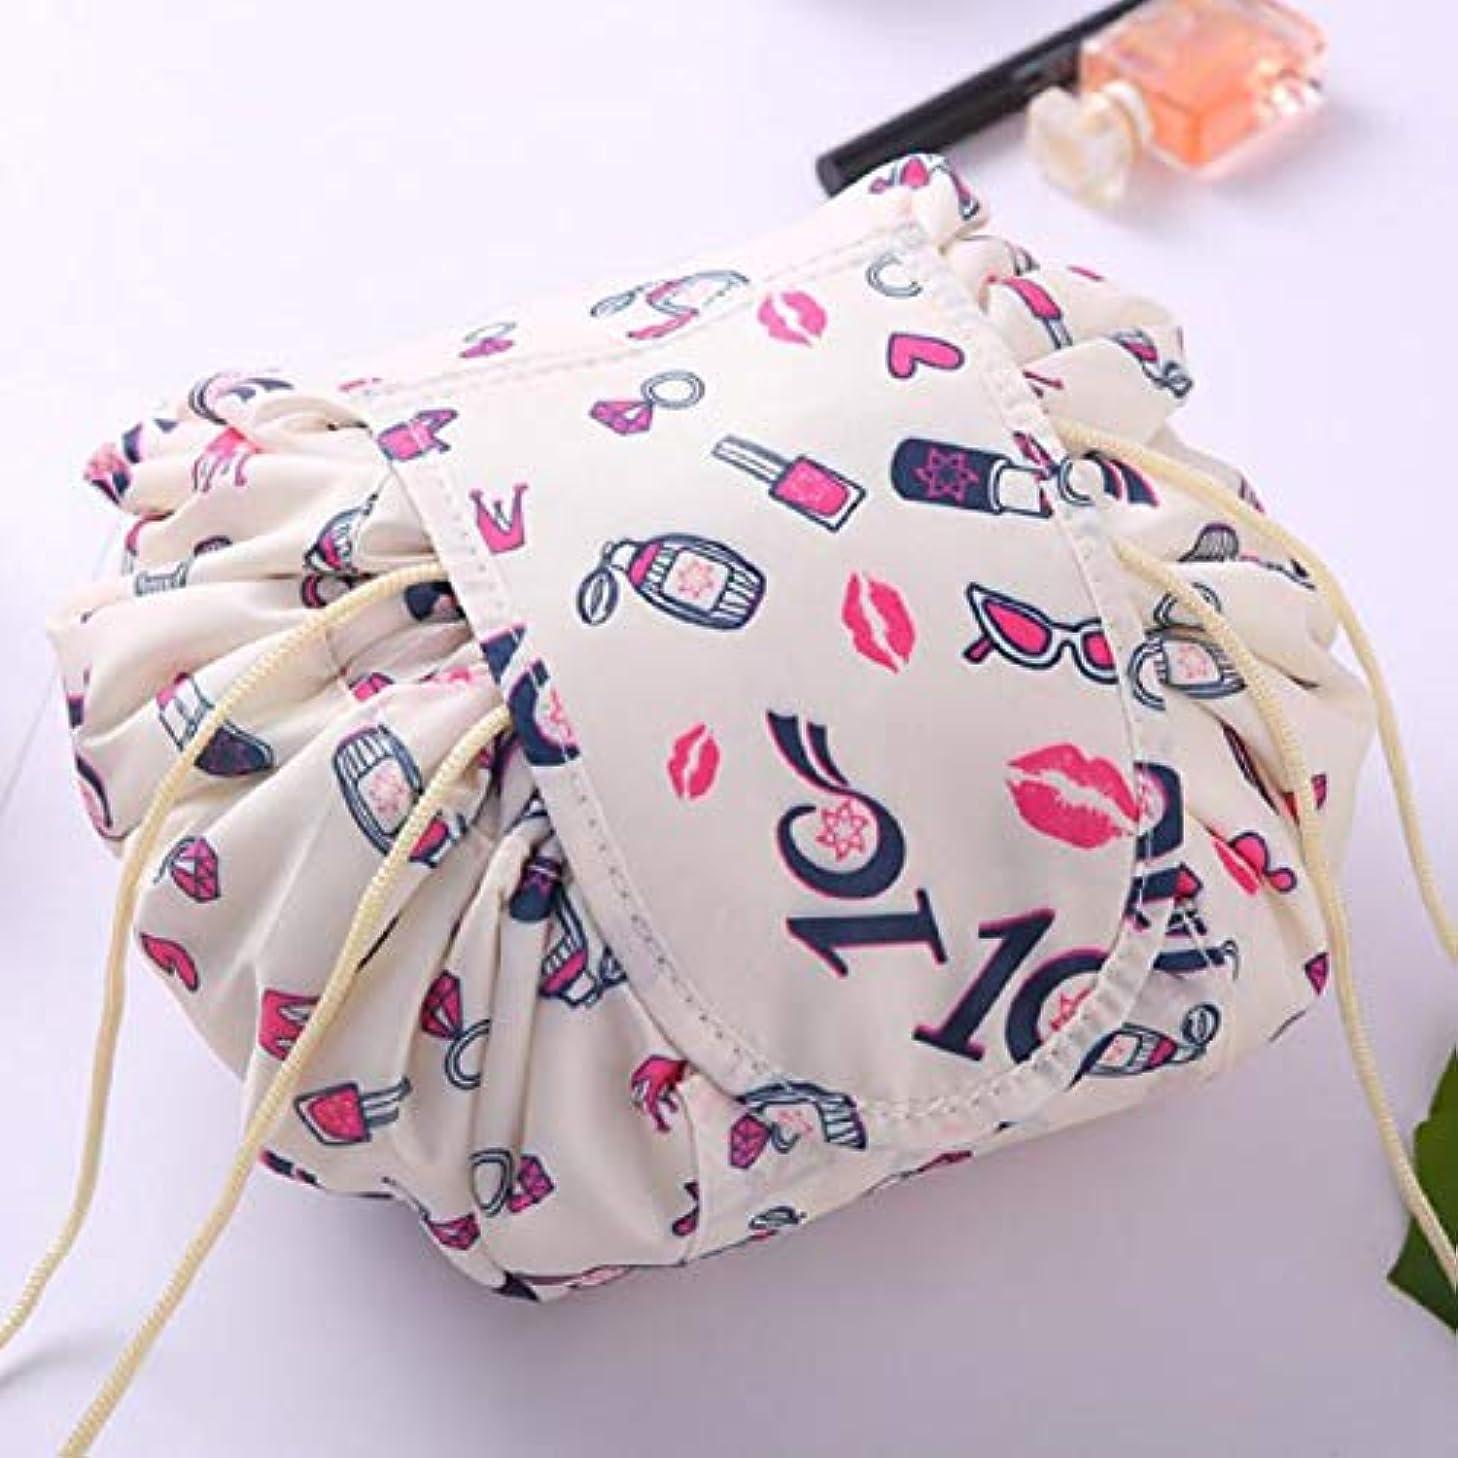 南東部騙すQuzama-JS 満足新しい女性ユニコーン化粧品バッグニモロープロープ化粧品プロフェッショナルプロケースケース旅行rtifactラッカーバンドルバッグ